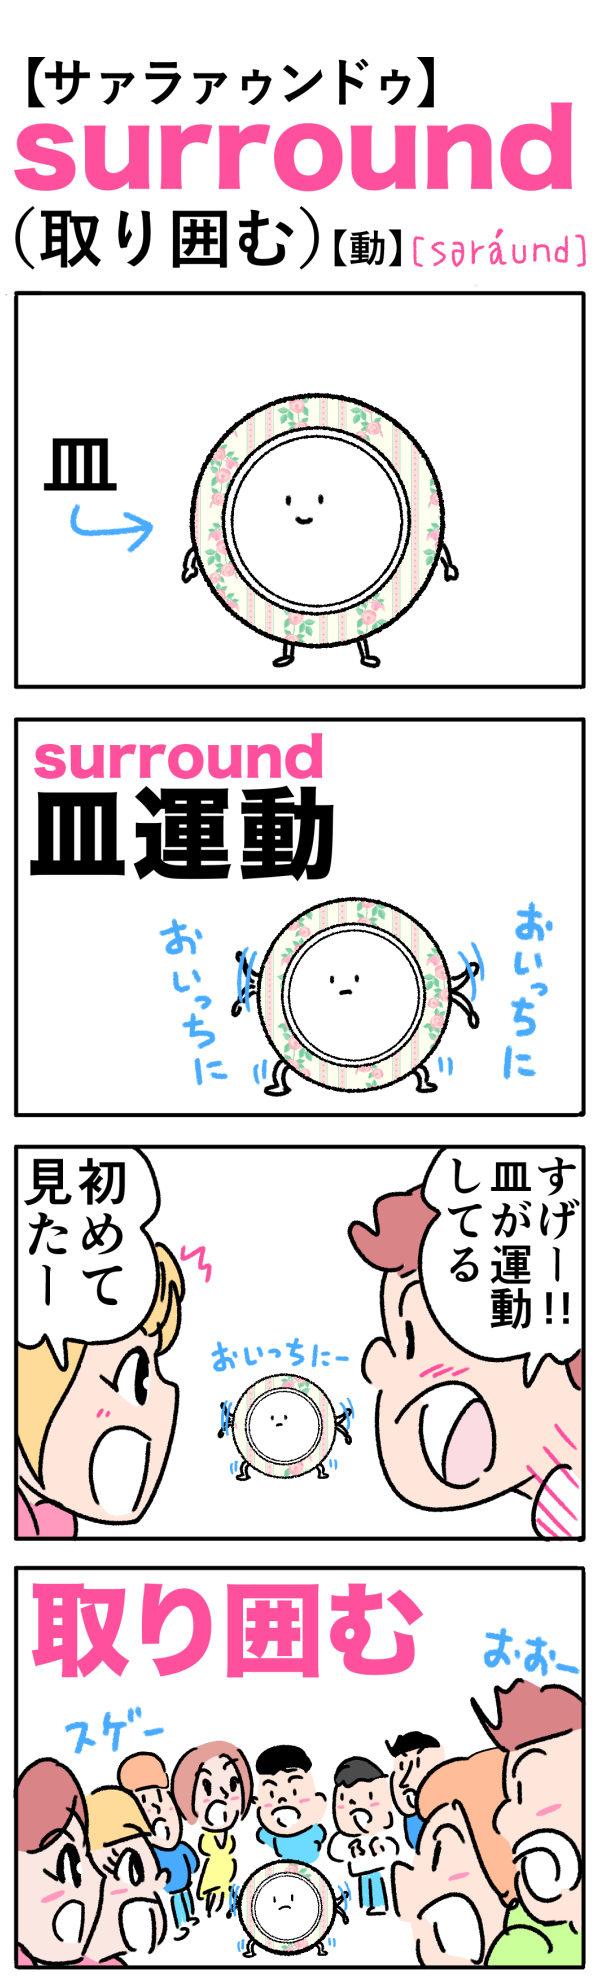 surround(取り囲む)の語呂合わせ英単語